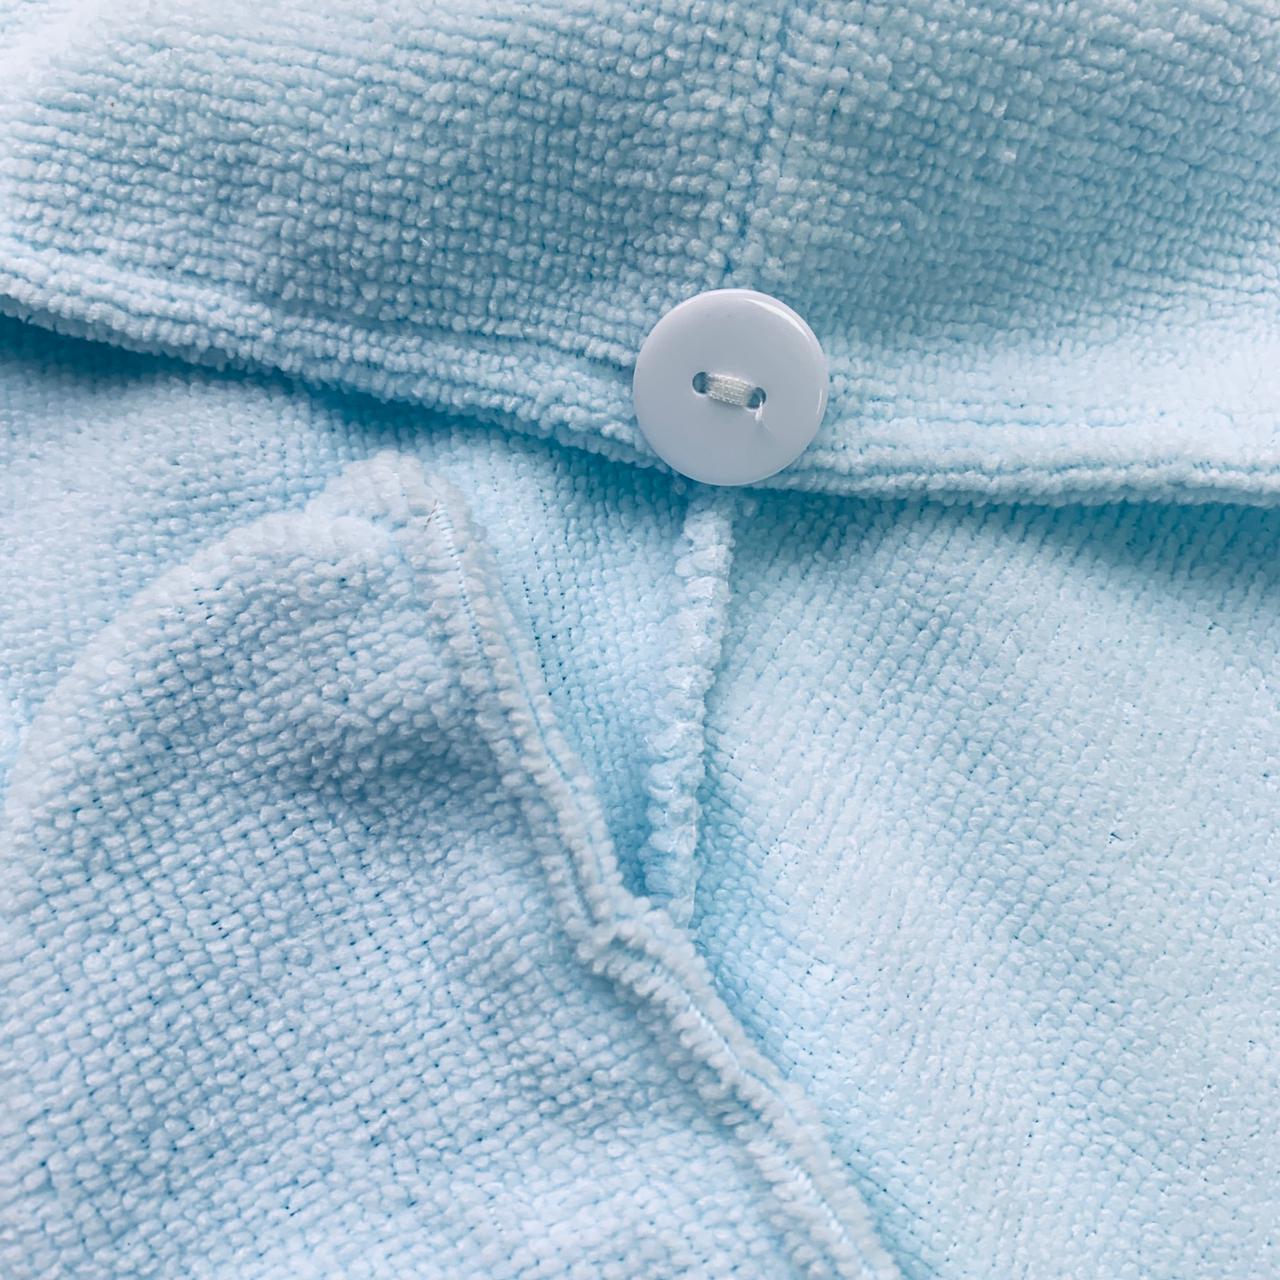 Тюрбан полотенце для сушки волос с пуговицей Светло-Голубой